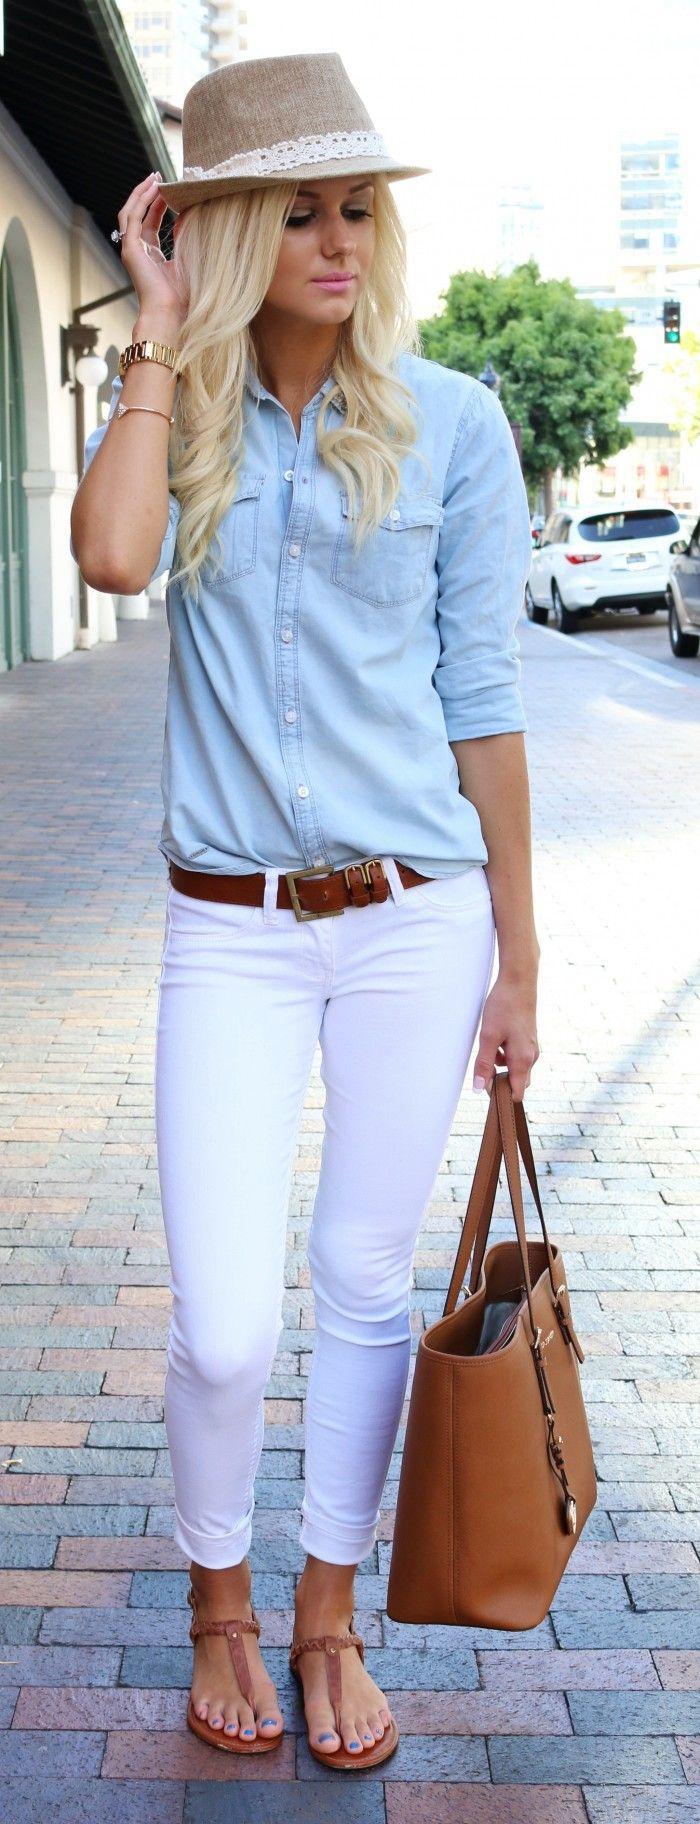 голубая рубашка с джинсами женщины